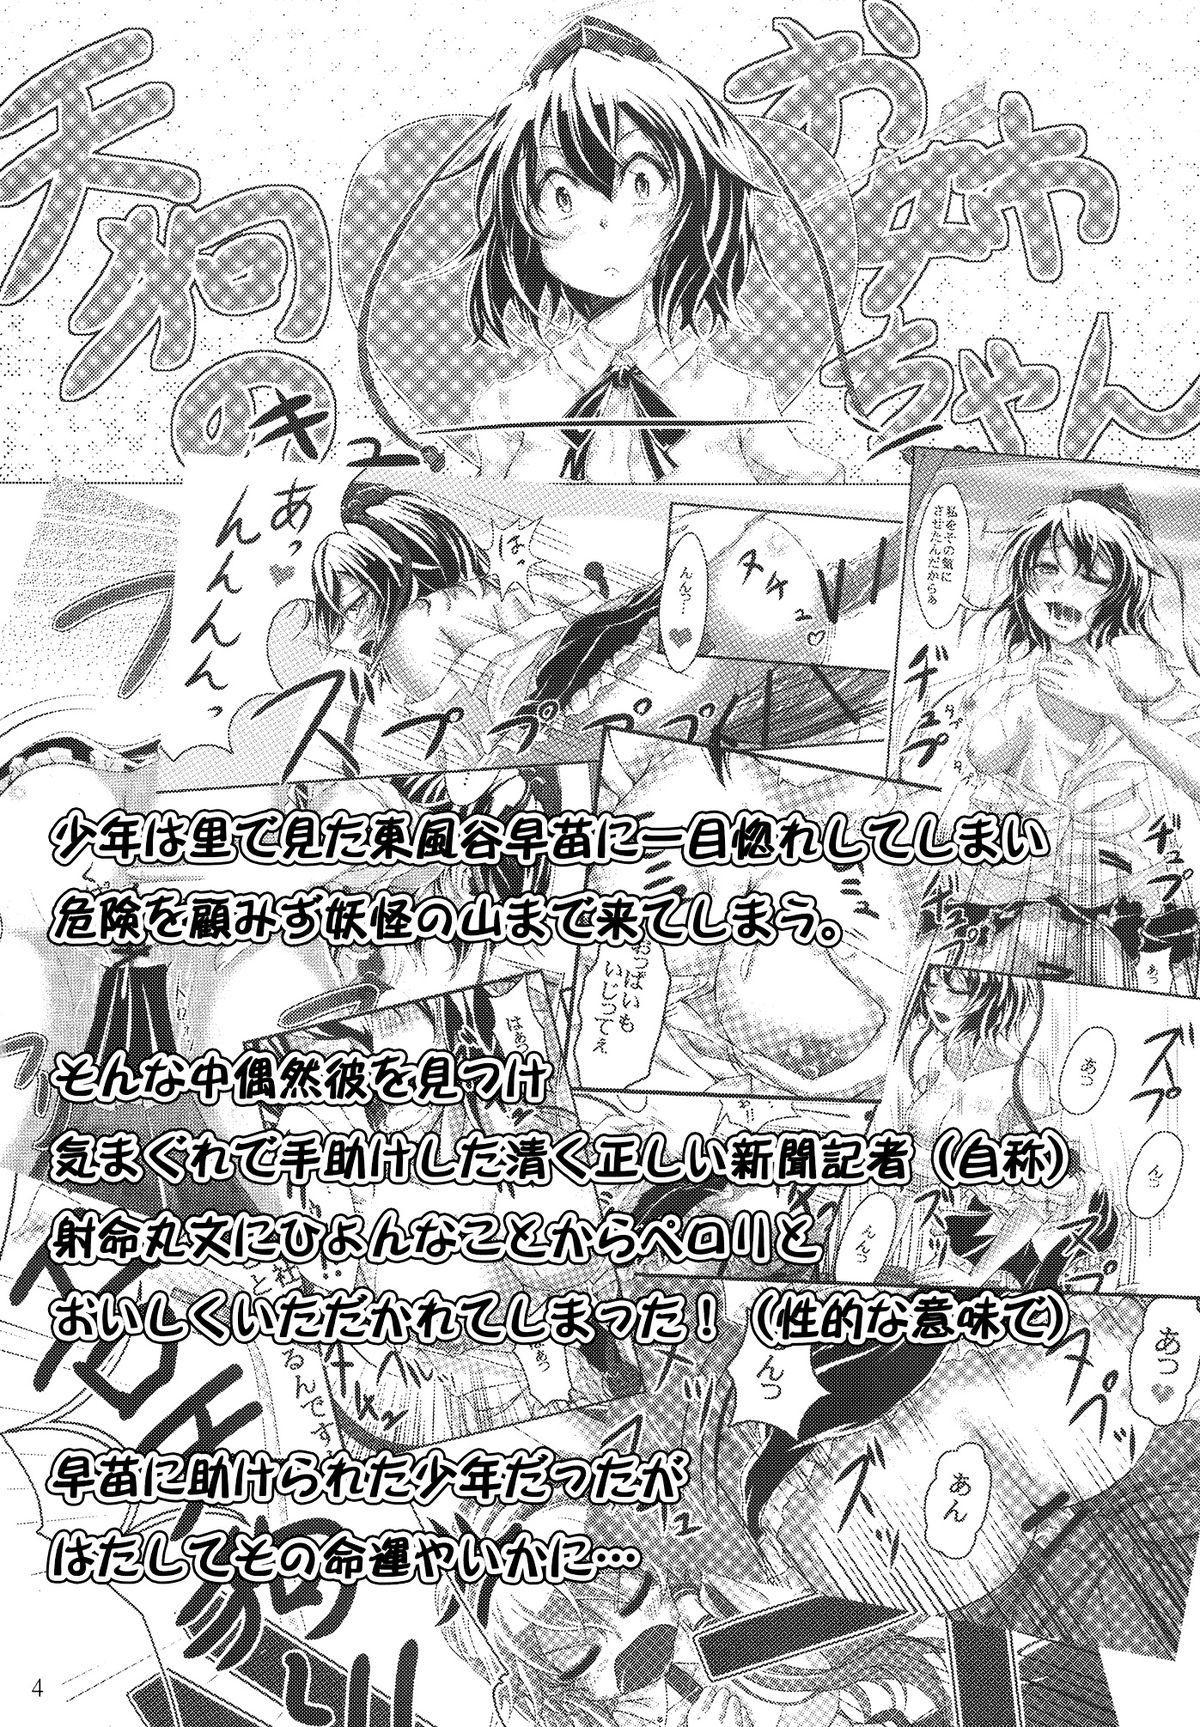 Jitsuroku! Ikenai Kazehouri 3